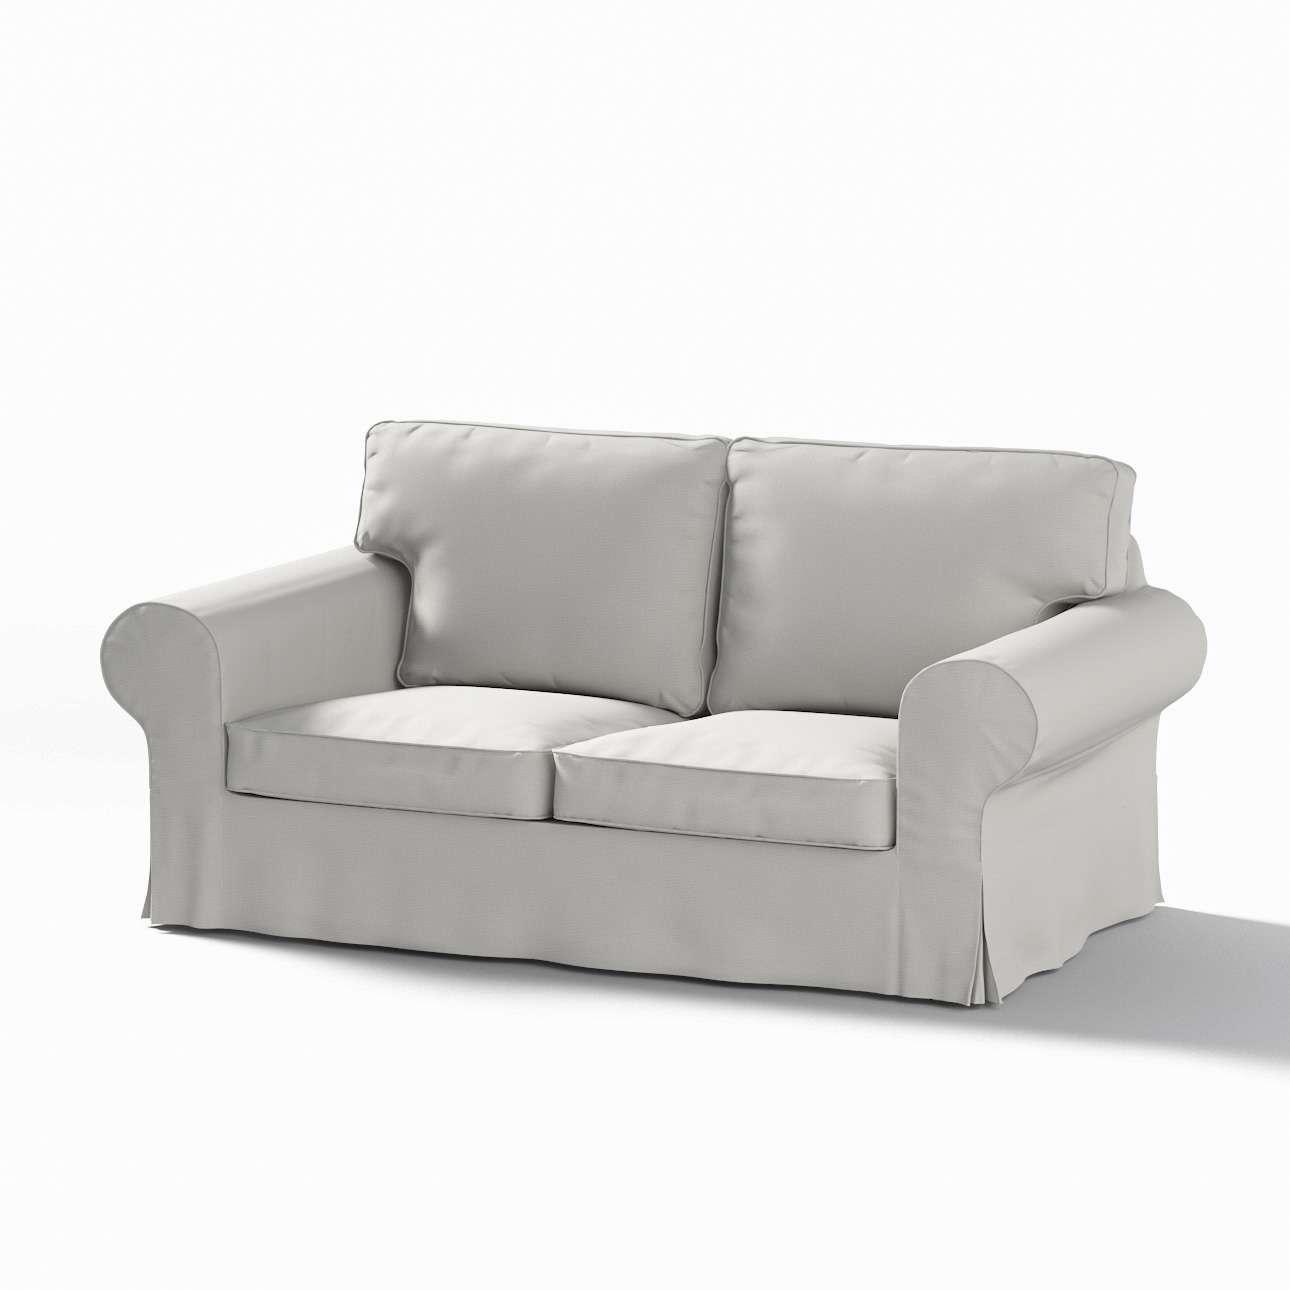 Pokrowiec na sofę Ektorp 2-osobową, nierozkładaną Sofa Ektorp 2-osobowa w kolekcji Etna , tkanina: 705-90